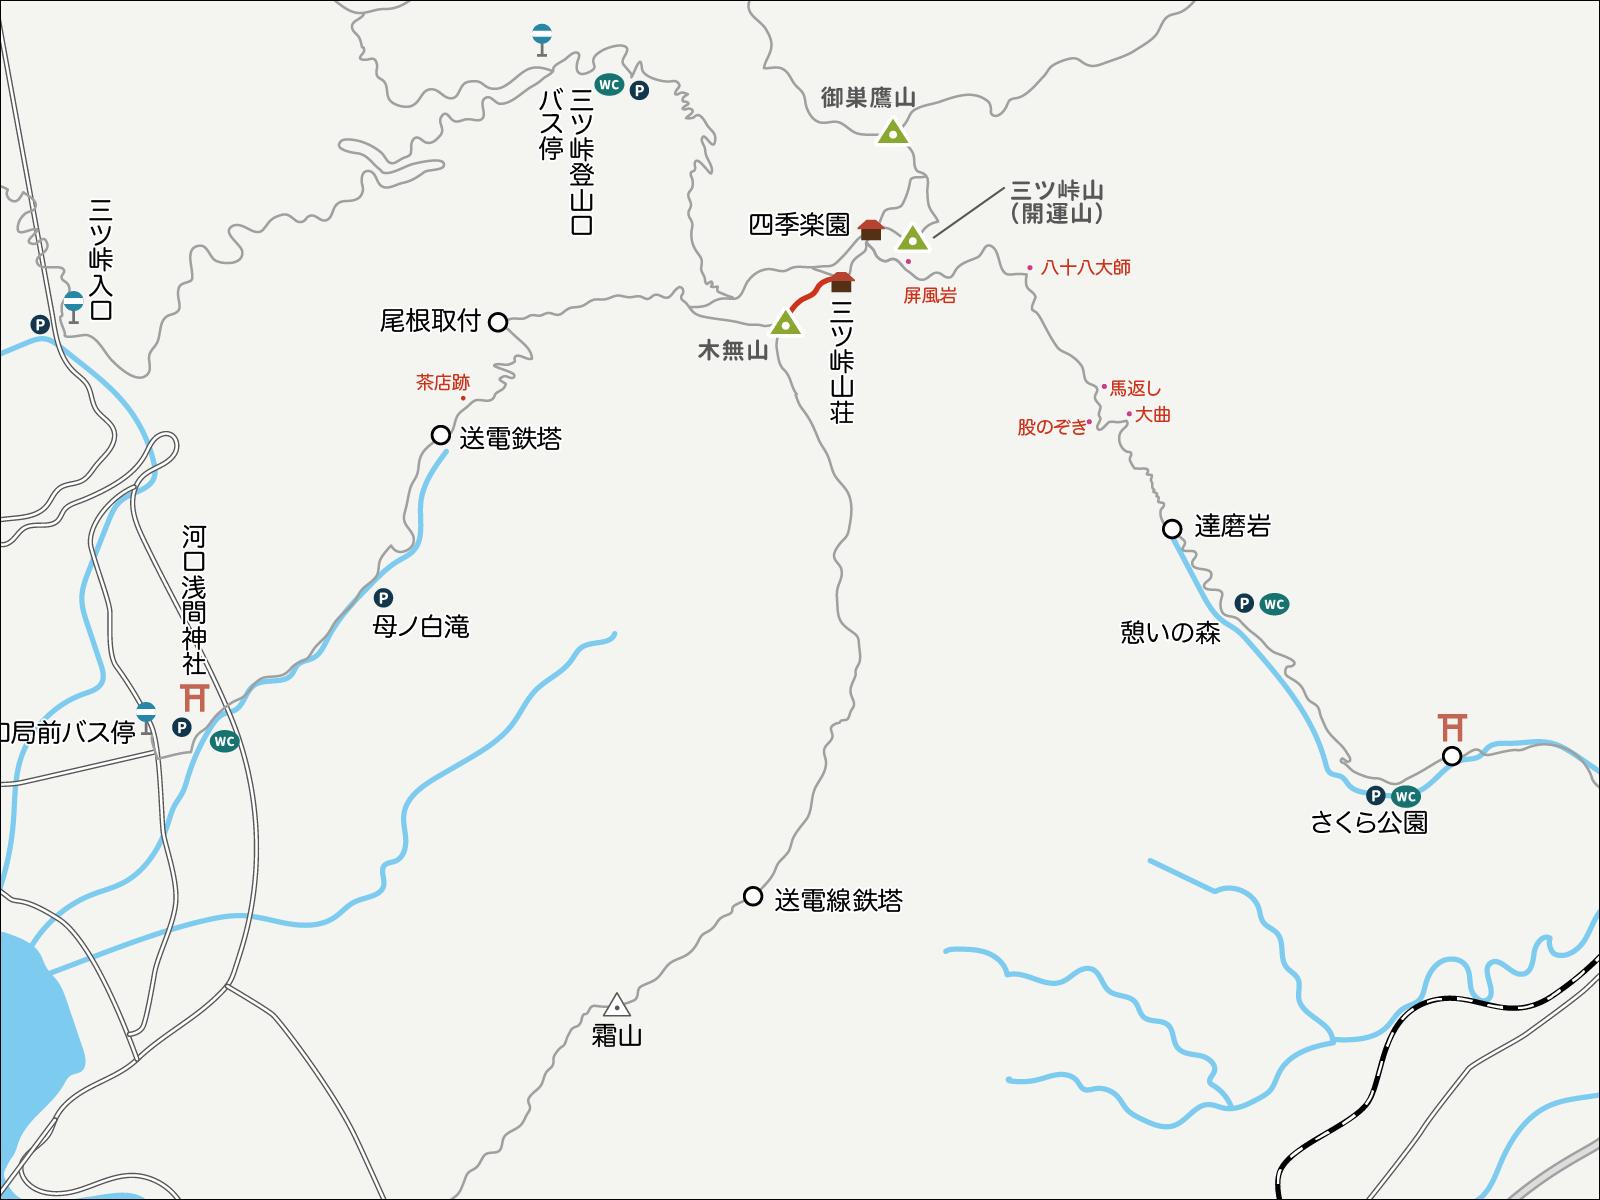 三ツ峠山荘から木無山へのイラストマップ